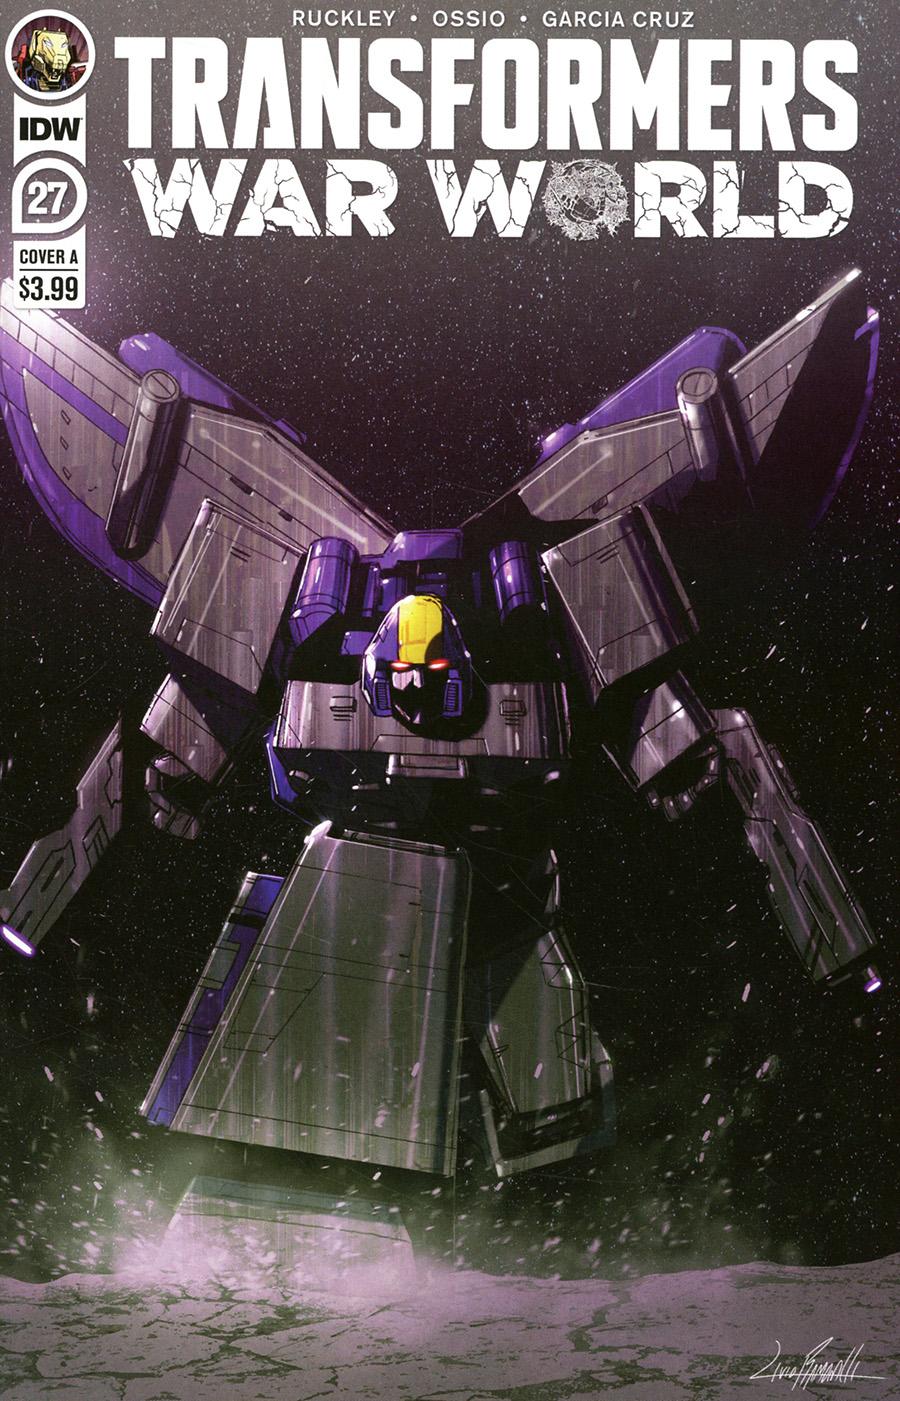 Transformers Vol 4 #27 Cover A Regular Livio Ramondelli Cover